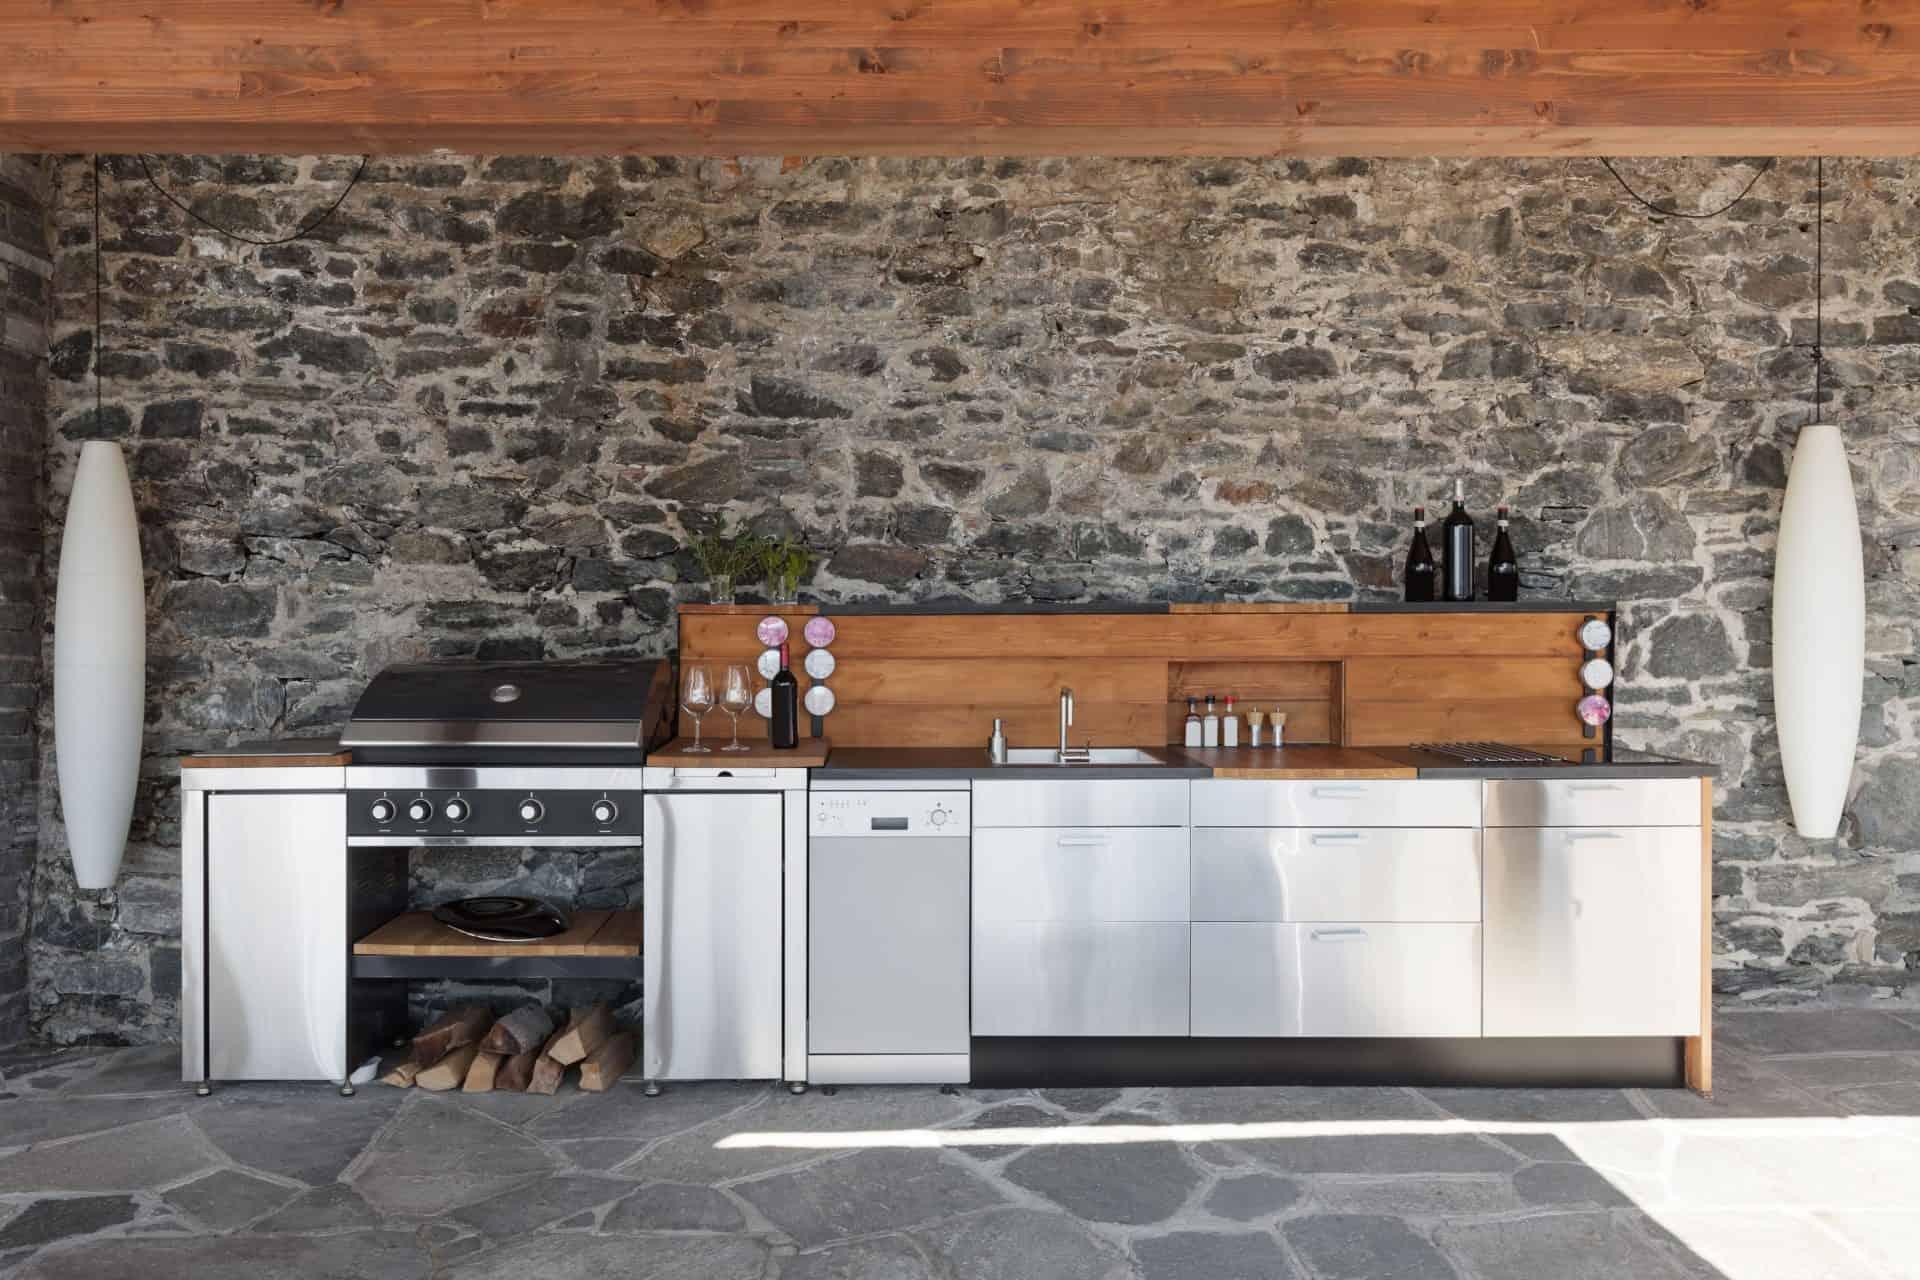 Espaço gourmet: trazendo mais conforto para sua casa